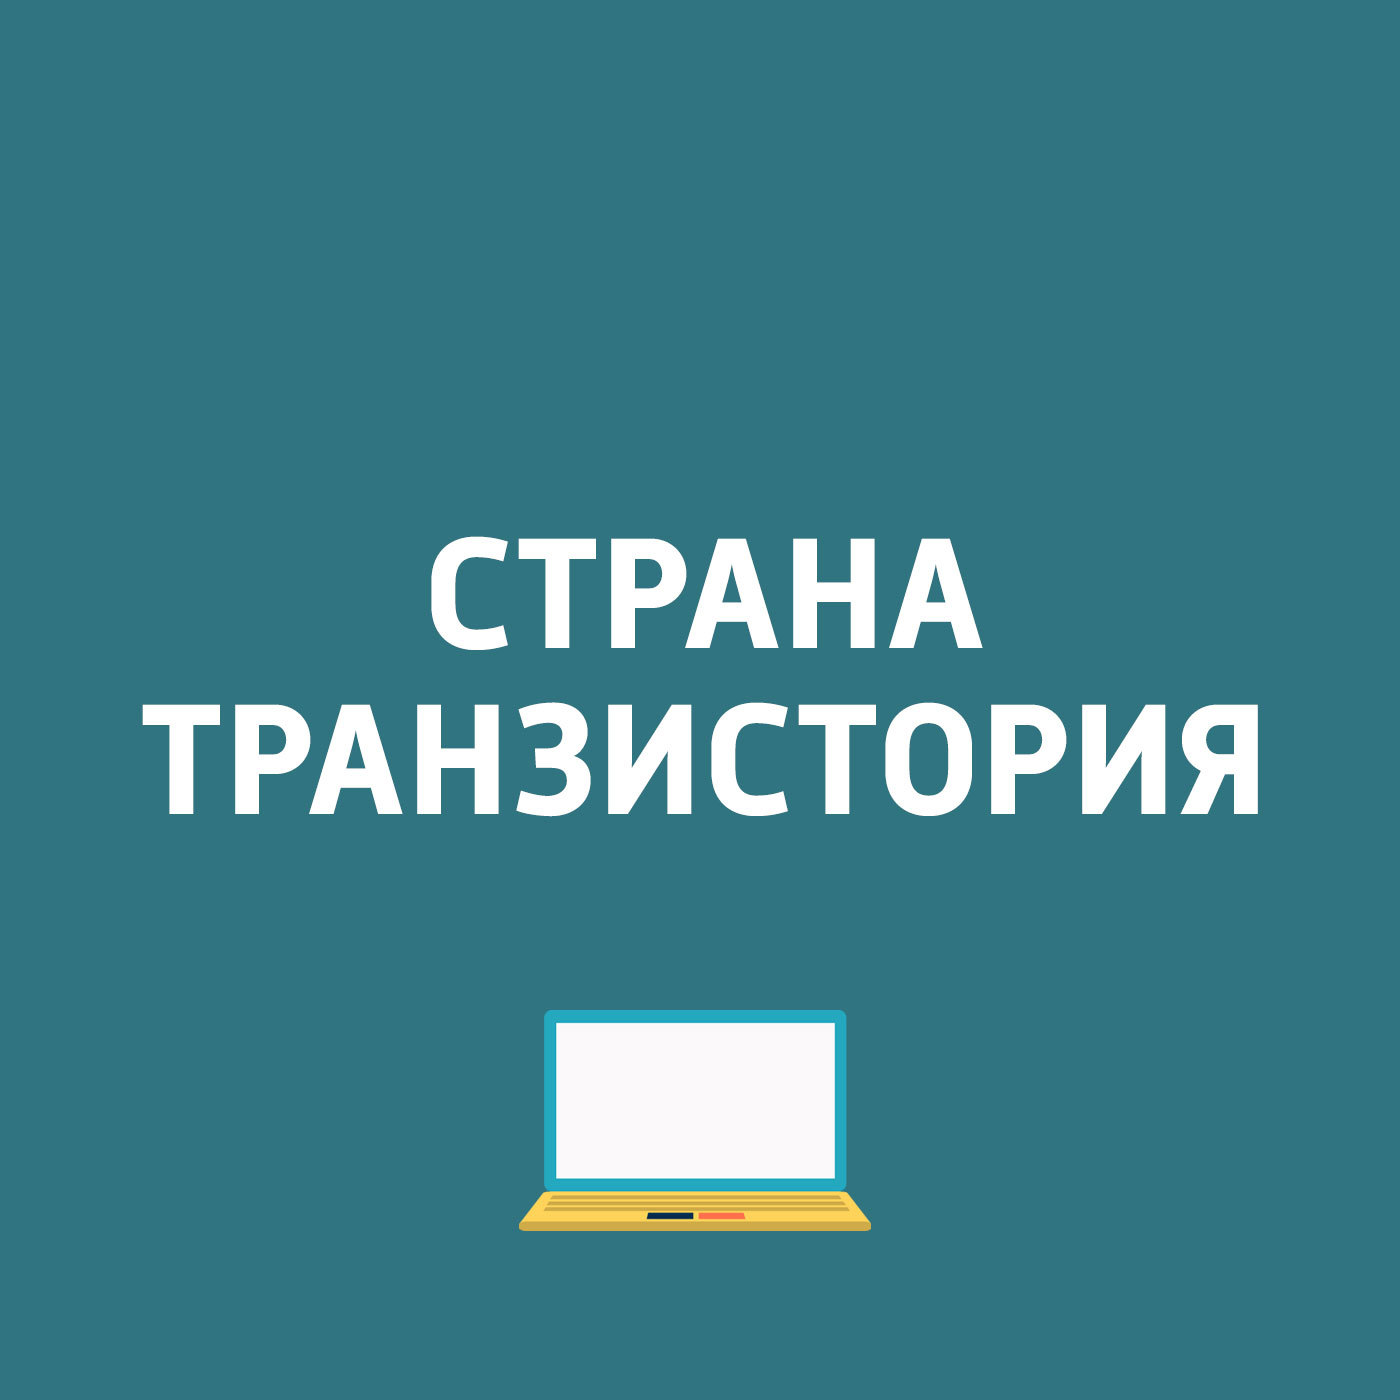 Картаев Павел Twitter и реклама, Apple Watch 2, iPhone 5SE картаев павел в конце сентября в москве продет очередной игромир и comic con russia